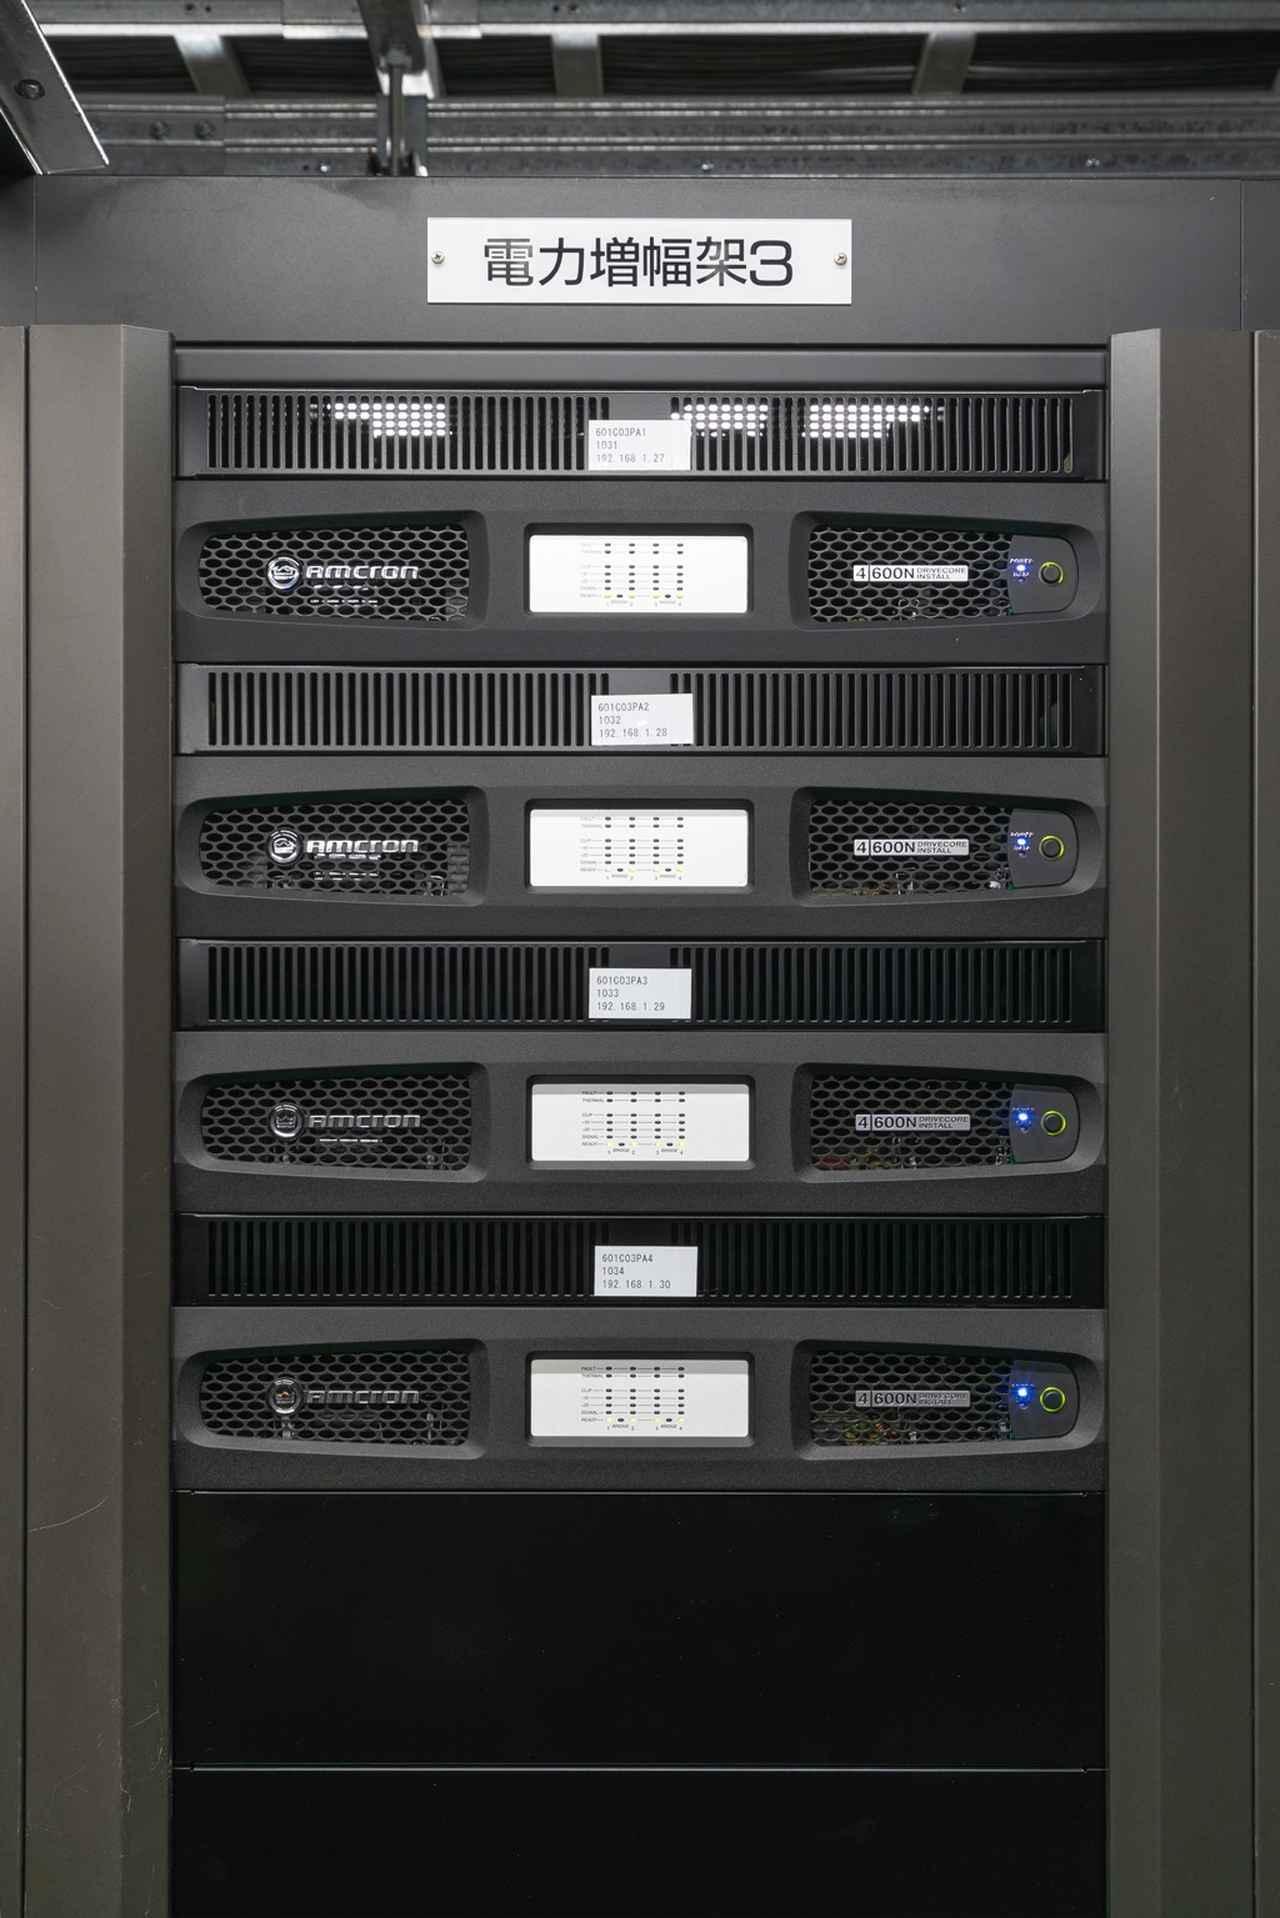 画像: 新しいパワー・アンプAMCRON「DCi Series Network」。600Wの「DCi 4|600N」と300Wの「DCi 4|300N」が導入された